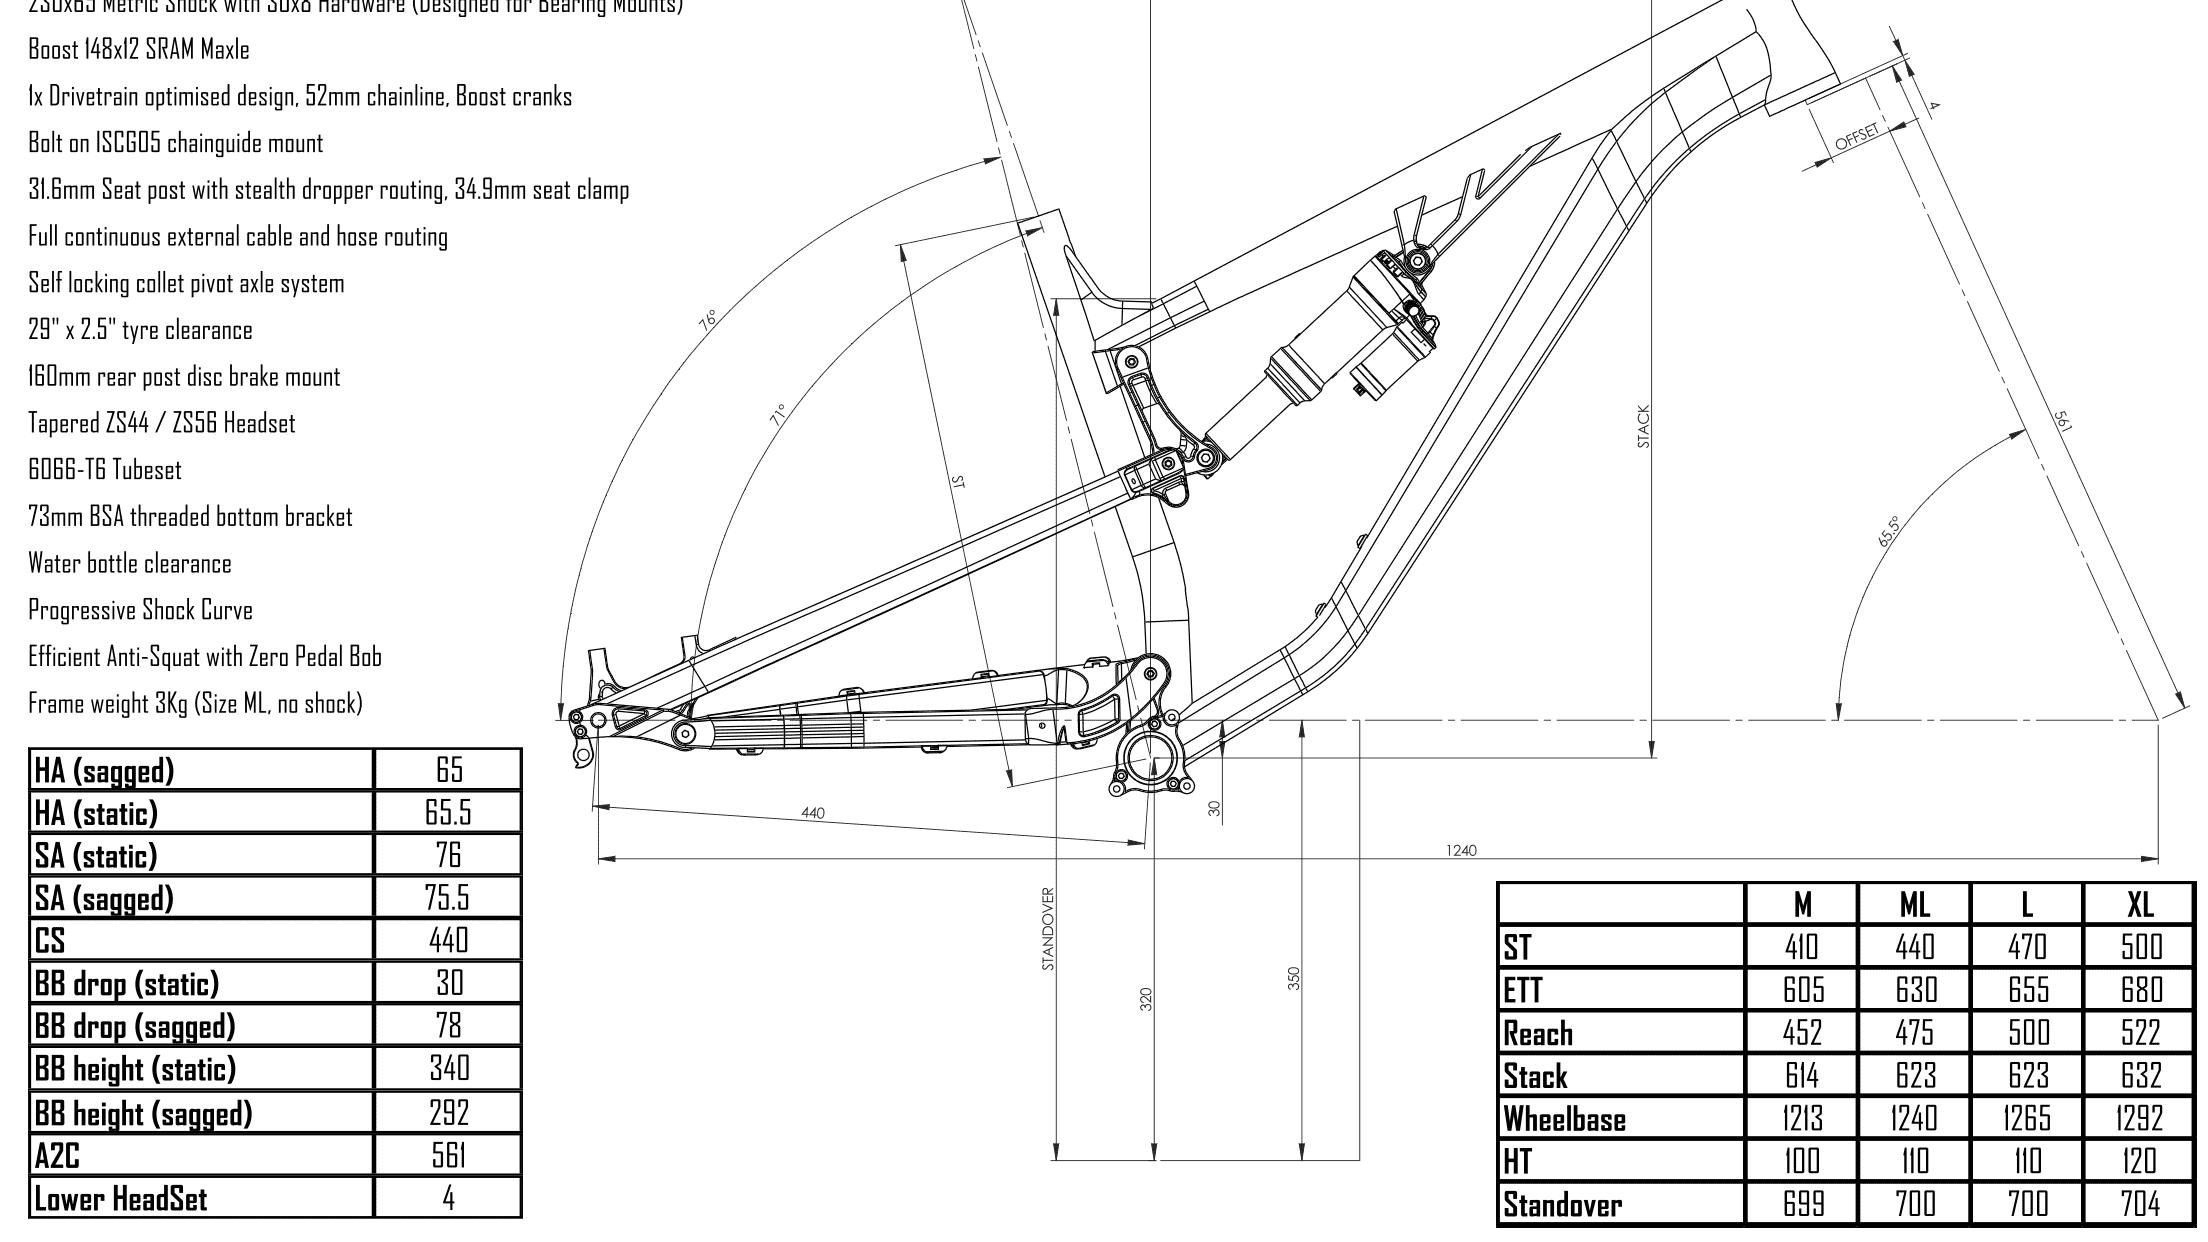 B573E419-0878-4461-B0EE-5CF4CAF0924C.png